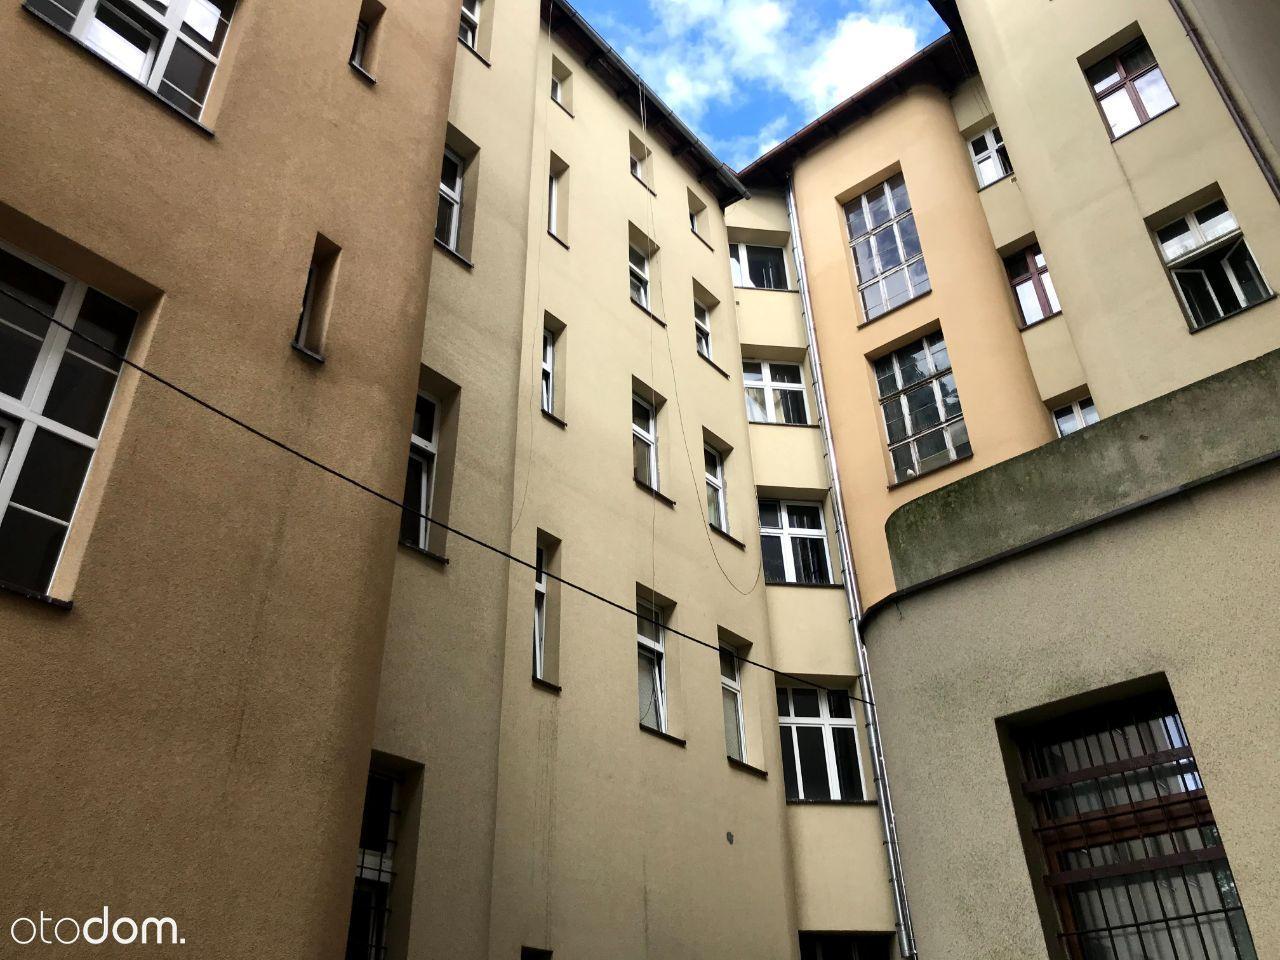 Mieszkanie 96 m2 ul. Zwycięstwa w Gliwicach